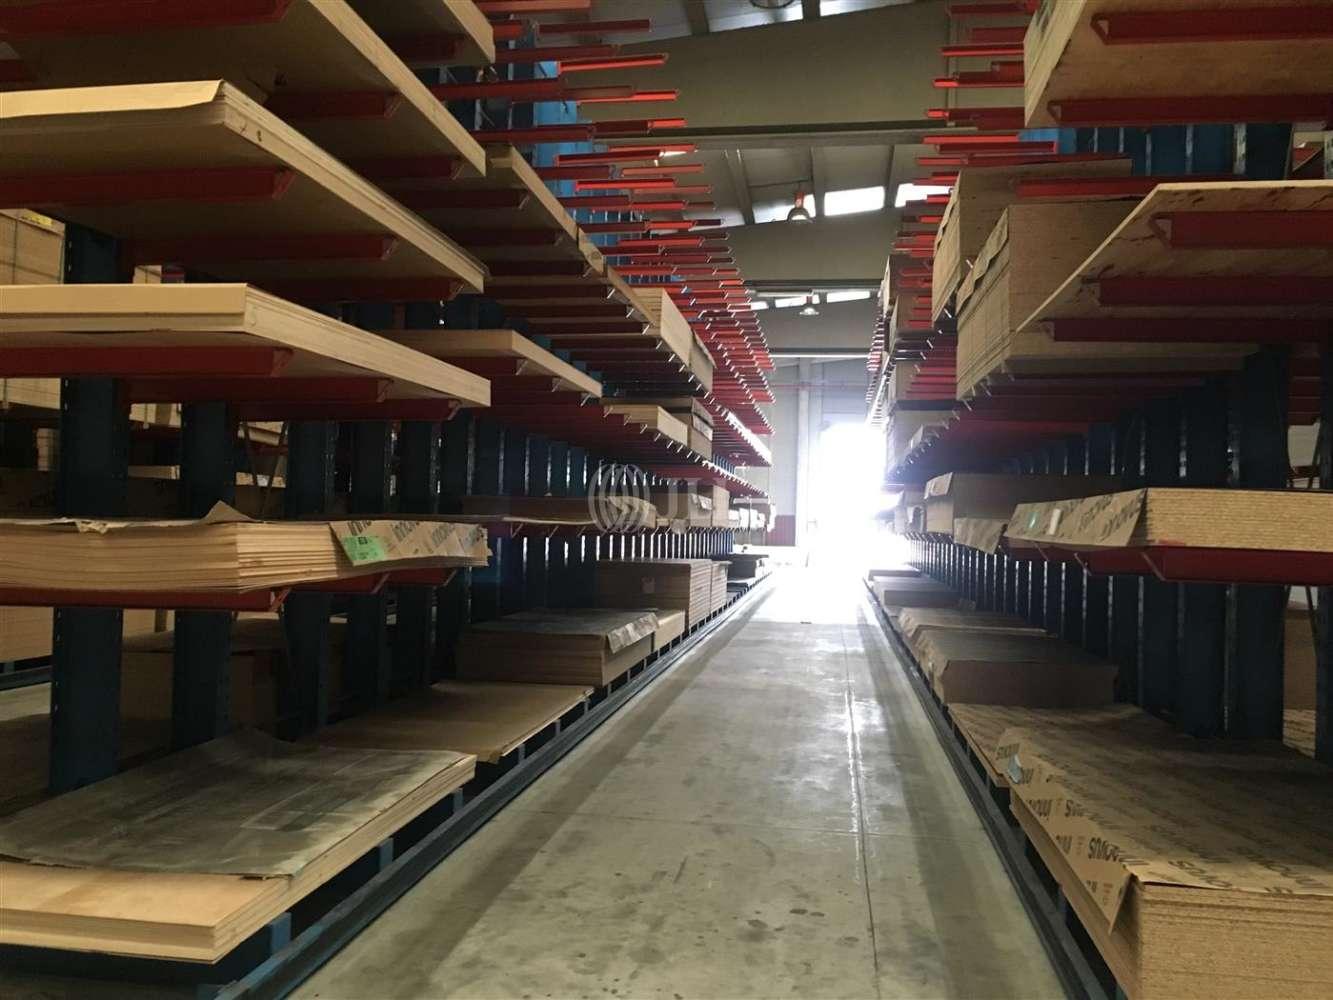 Naves industriales y logísticas Burgos, 09001 - Nave Industrial - B0489 NAVE INDUSTRIAL EN ALQUILER / VENTA - Pol. Ind. Villalonquéjar - BURGOS